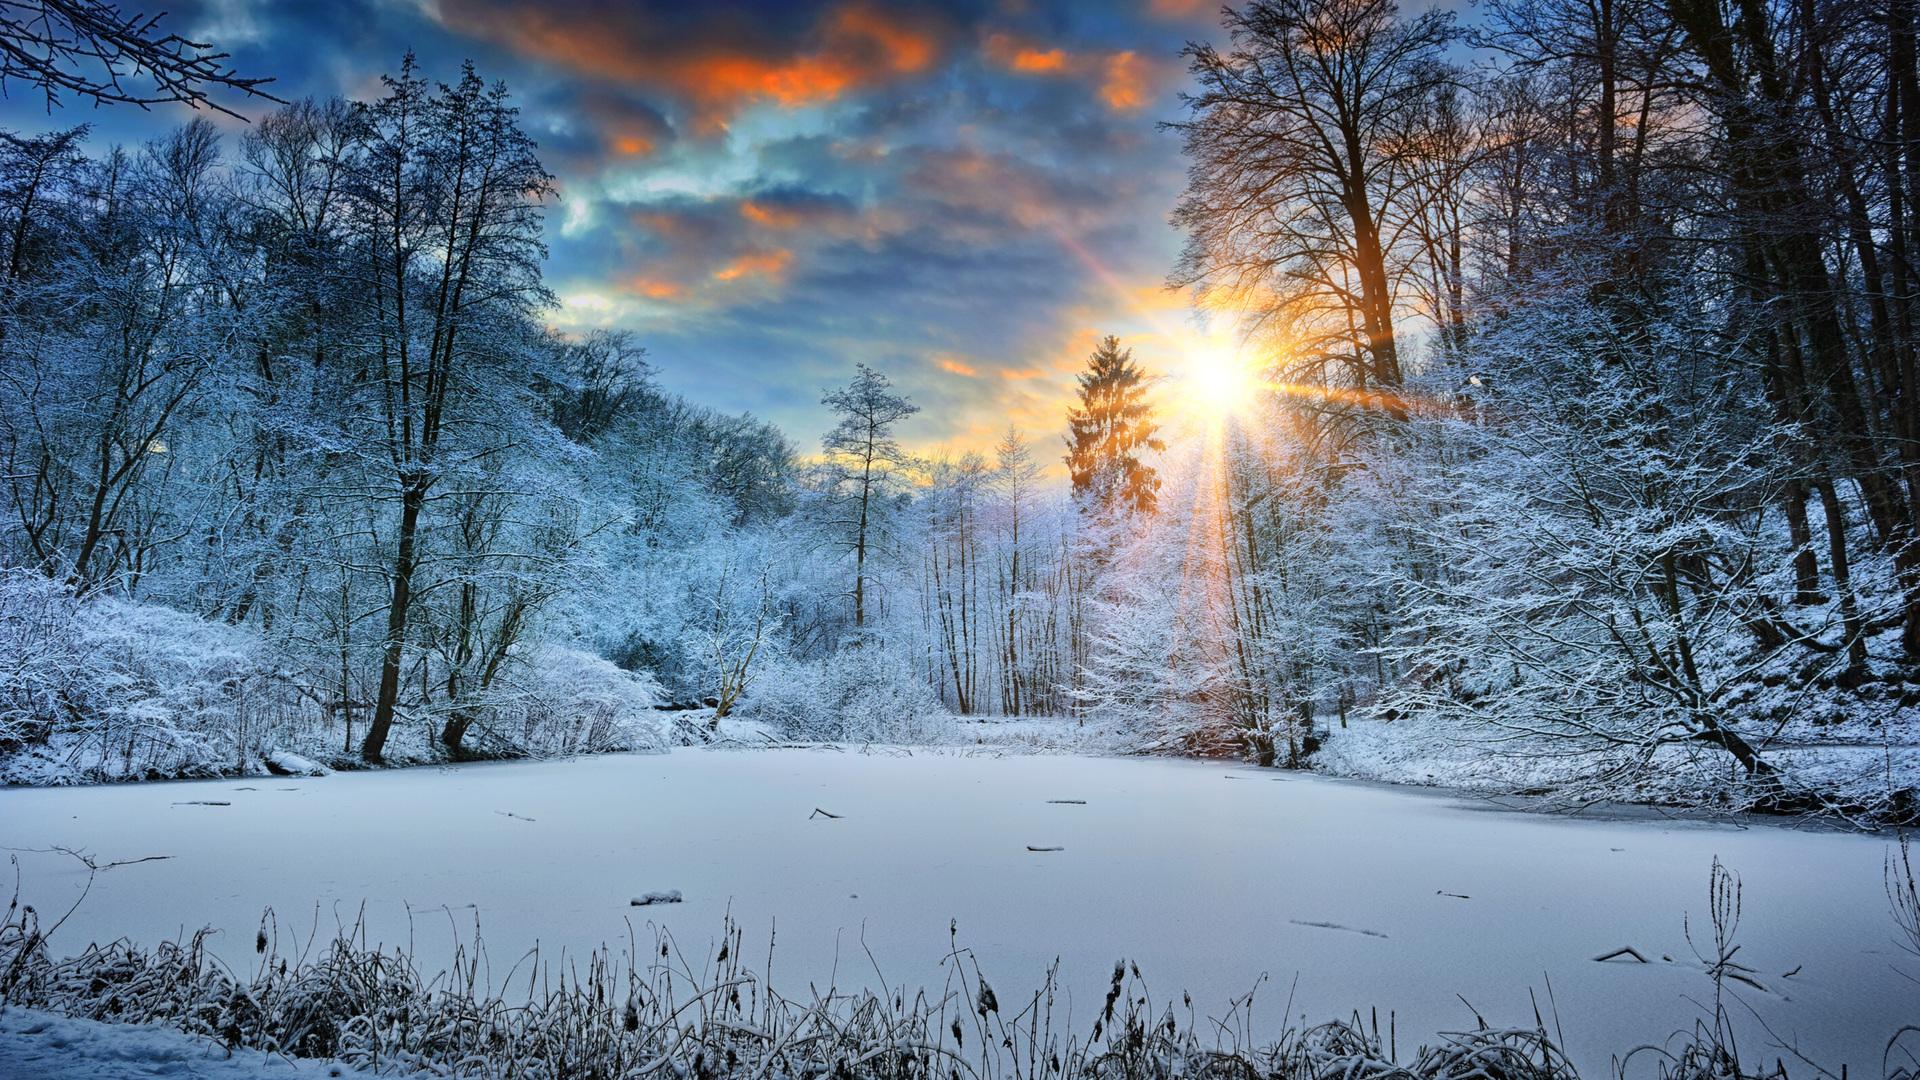 1920x1080 sunbeams landscape snow in winter trees 4k - Wallpaper hd nature winter ...